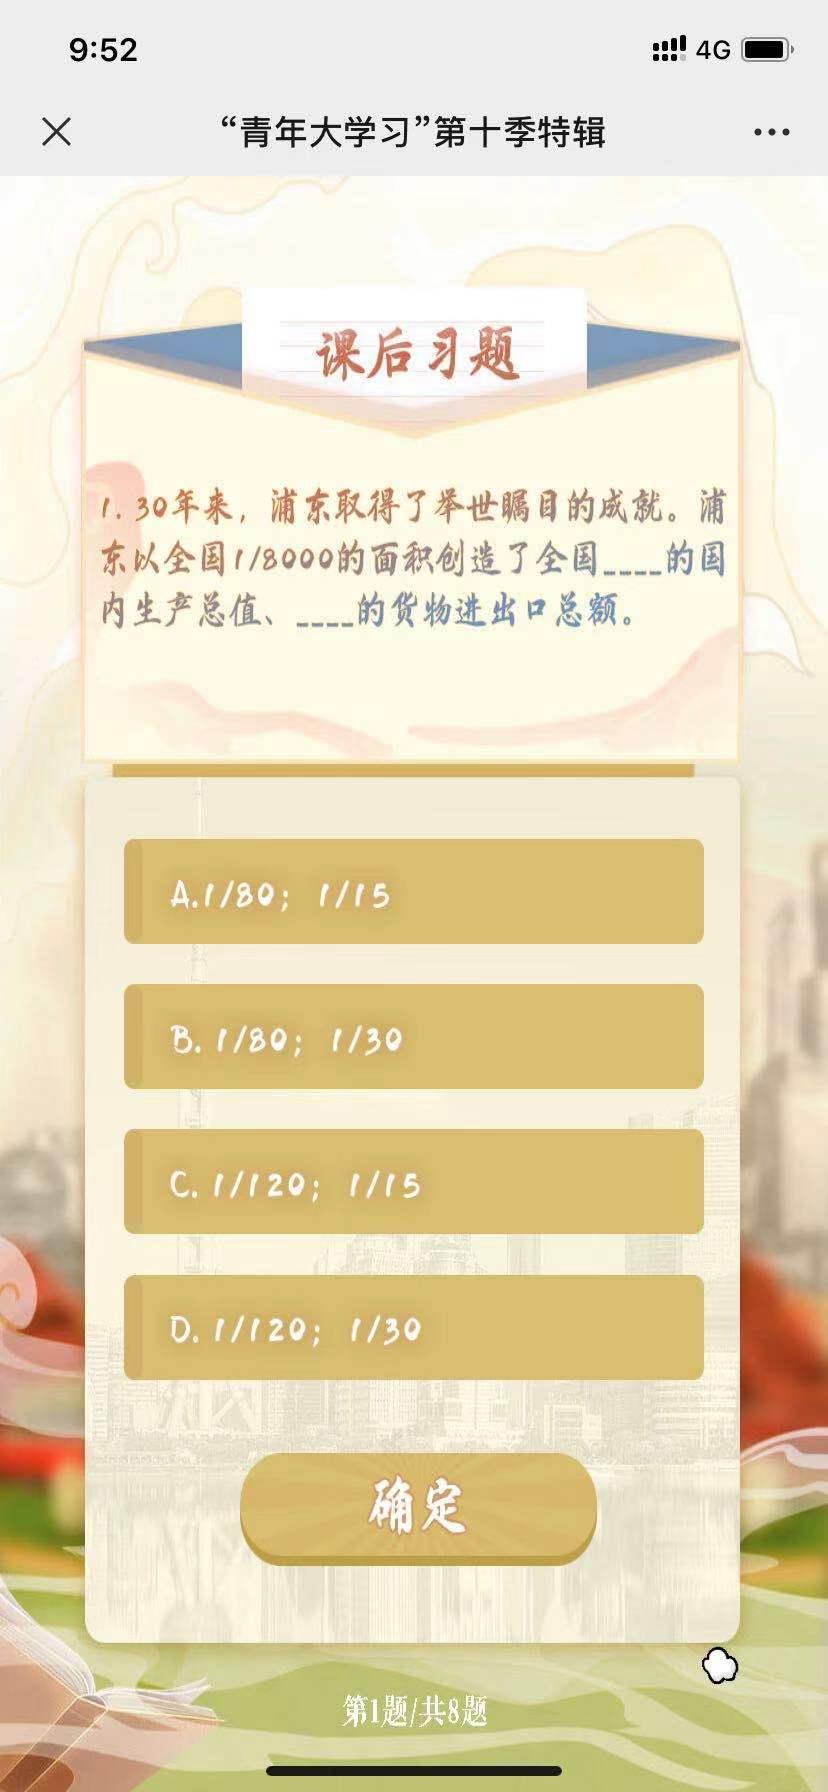 30年來浦東取得了舉世矚目的成就浦東以全國1/8000的麵積創造了多少的國內生產總值多少的貨物進出口總額,青年大學習浦東開發30周年慶祝大會特輯第一題答案[多圖]